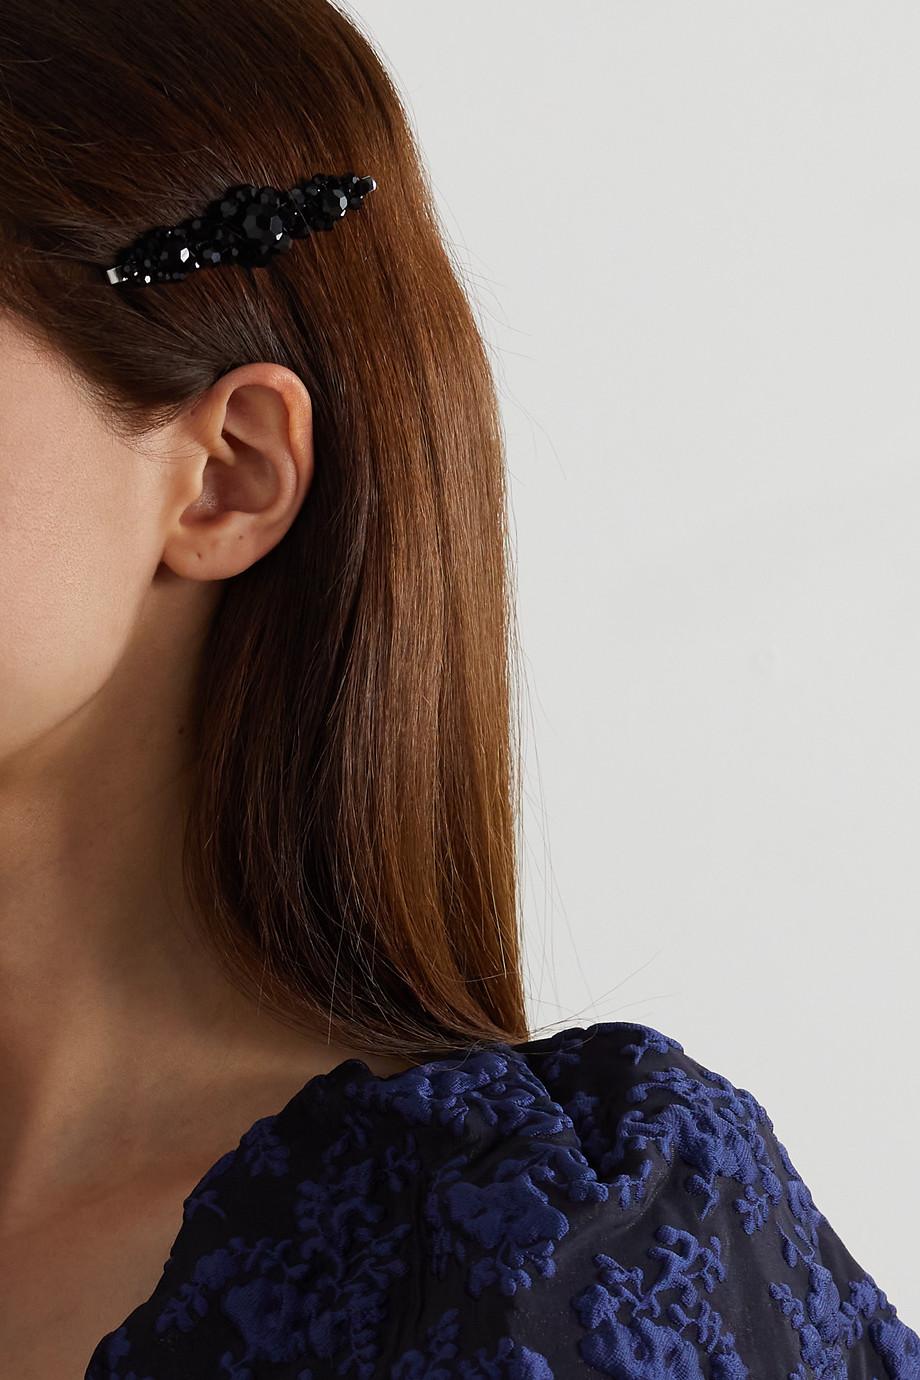 Simone Rocha Flower crystal hair slide